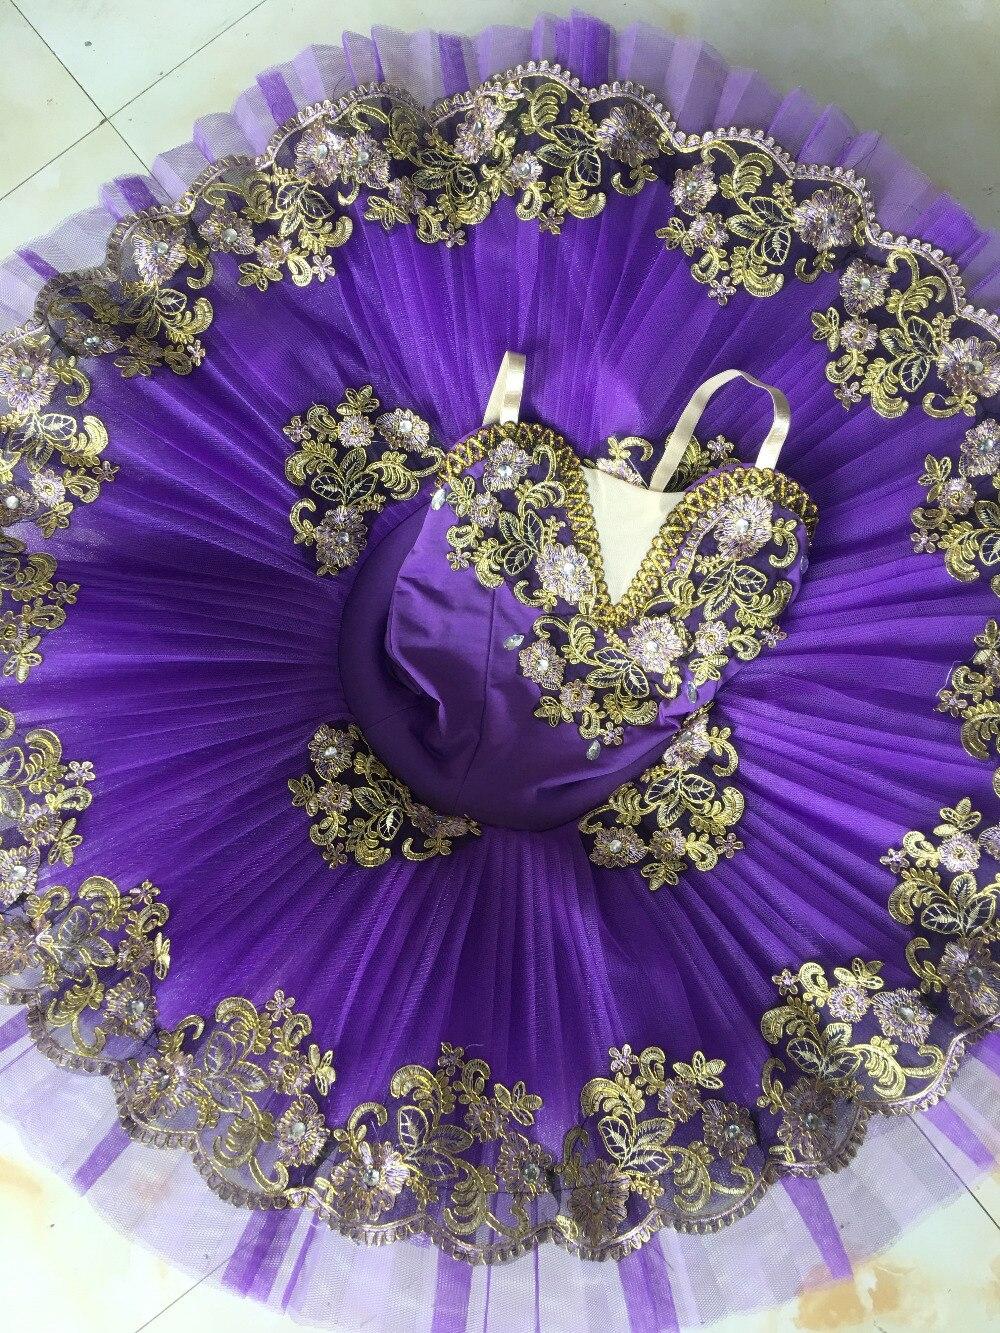 2017 nouveau adulte violet Ballet Tutu performance professionnel classique ballet tutus filles crêpe tutu casse-noisette